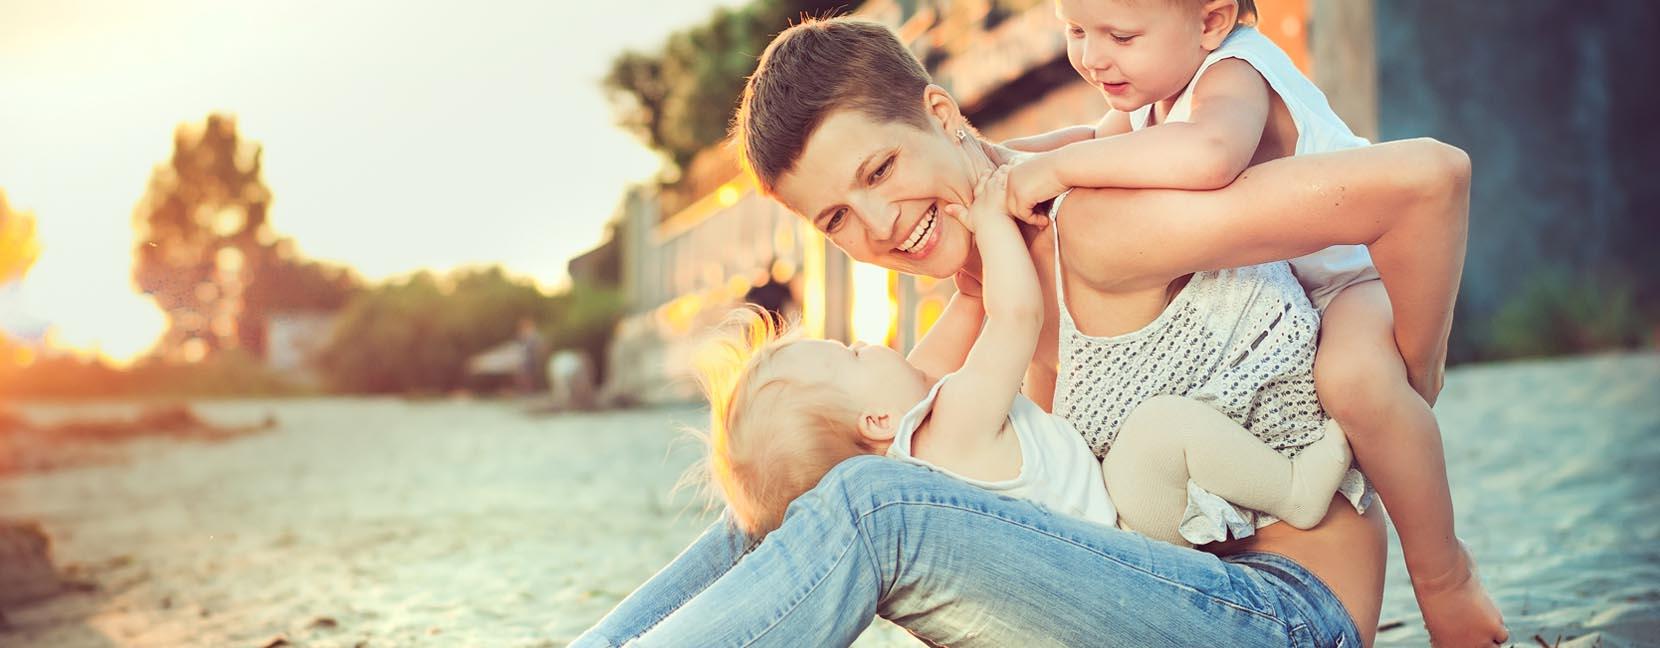 Mamma sorridente seduta con un bambino in braccio e l'altro sulla schiena: giocano